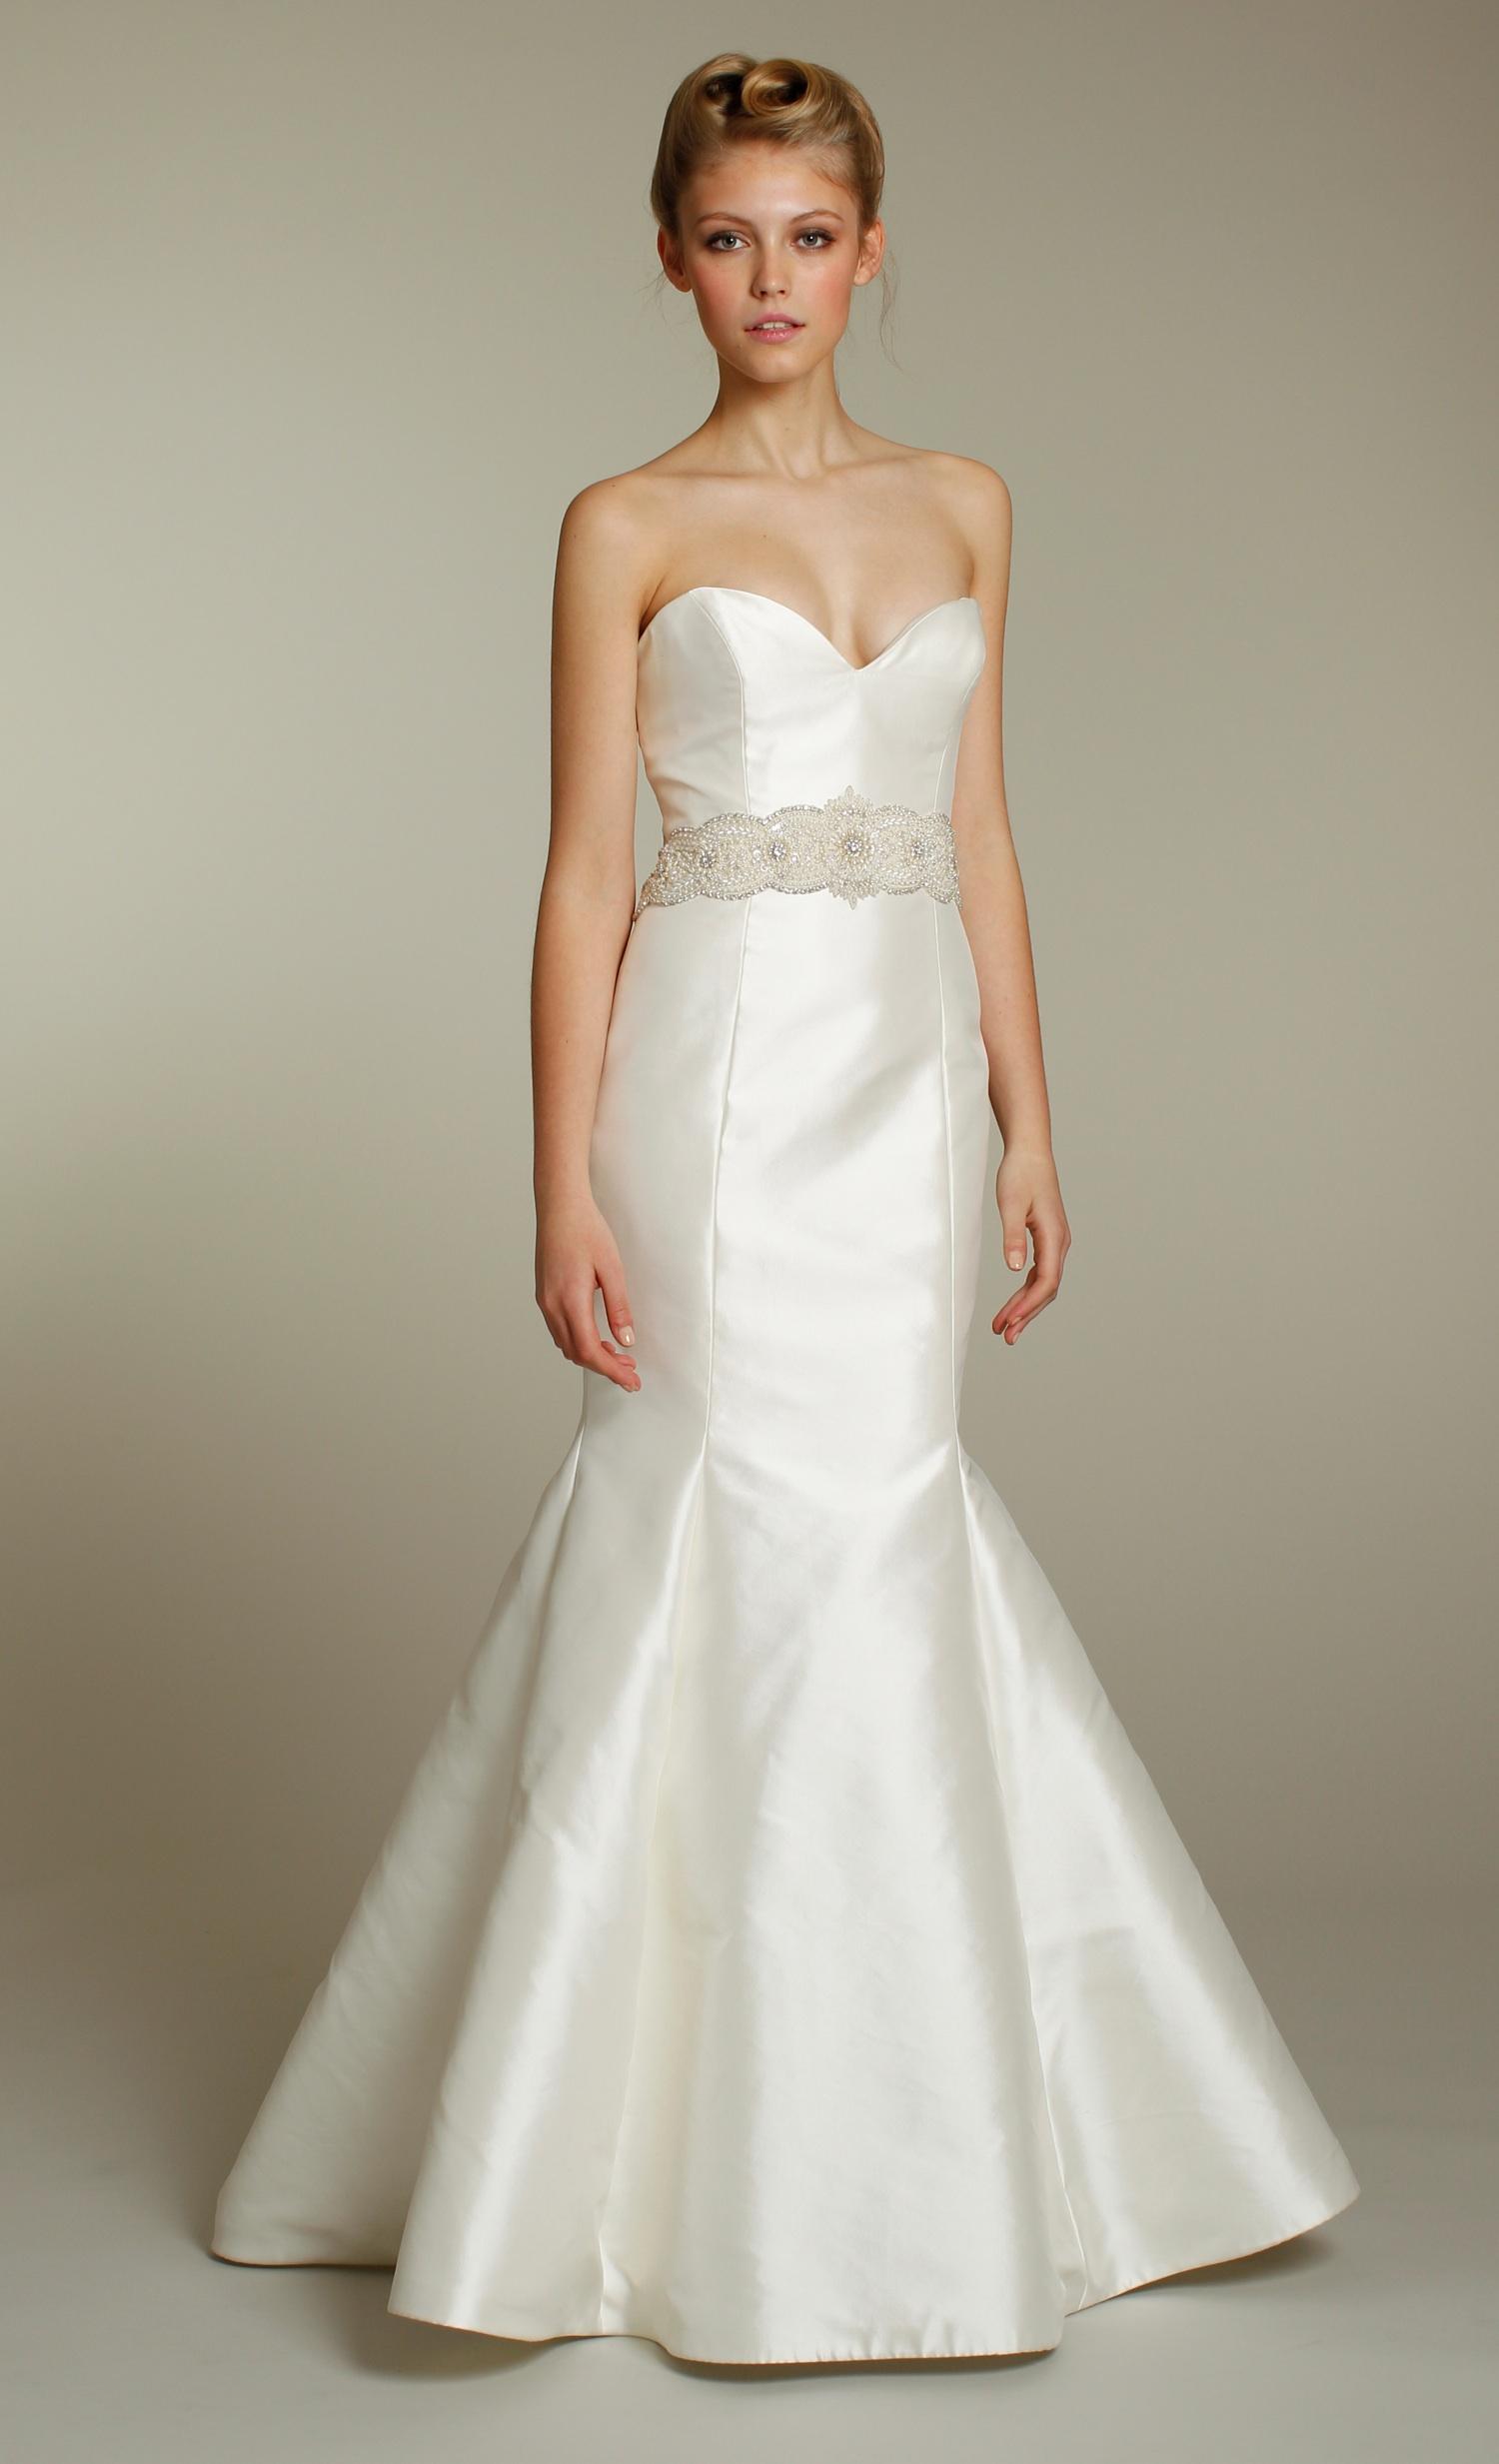 sashes for wedding dresses | Wedding